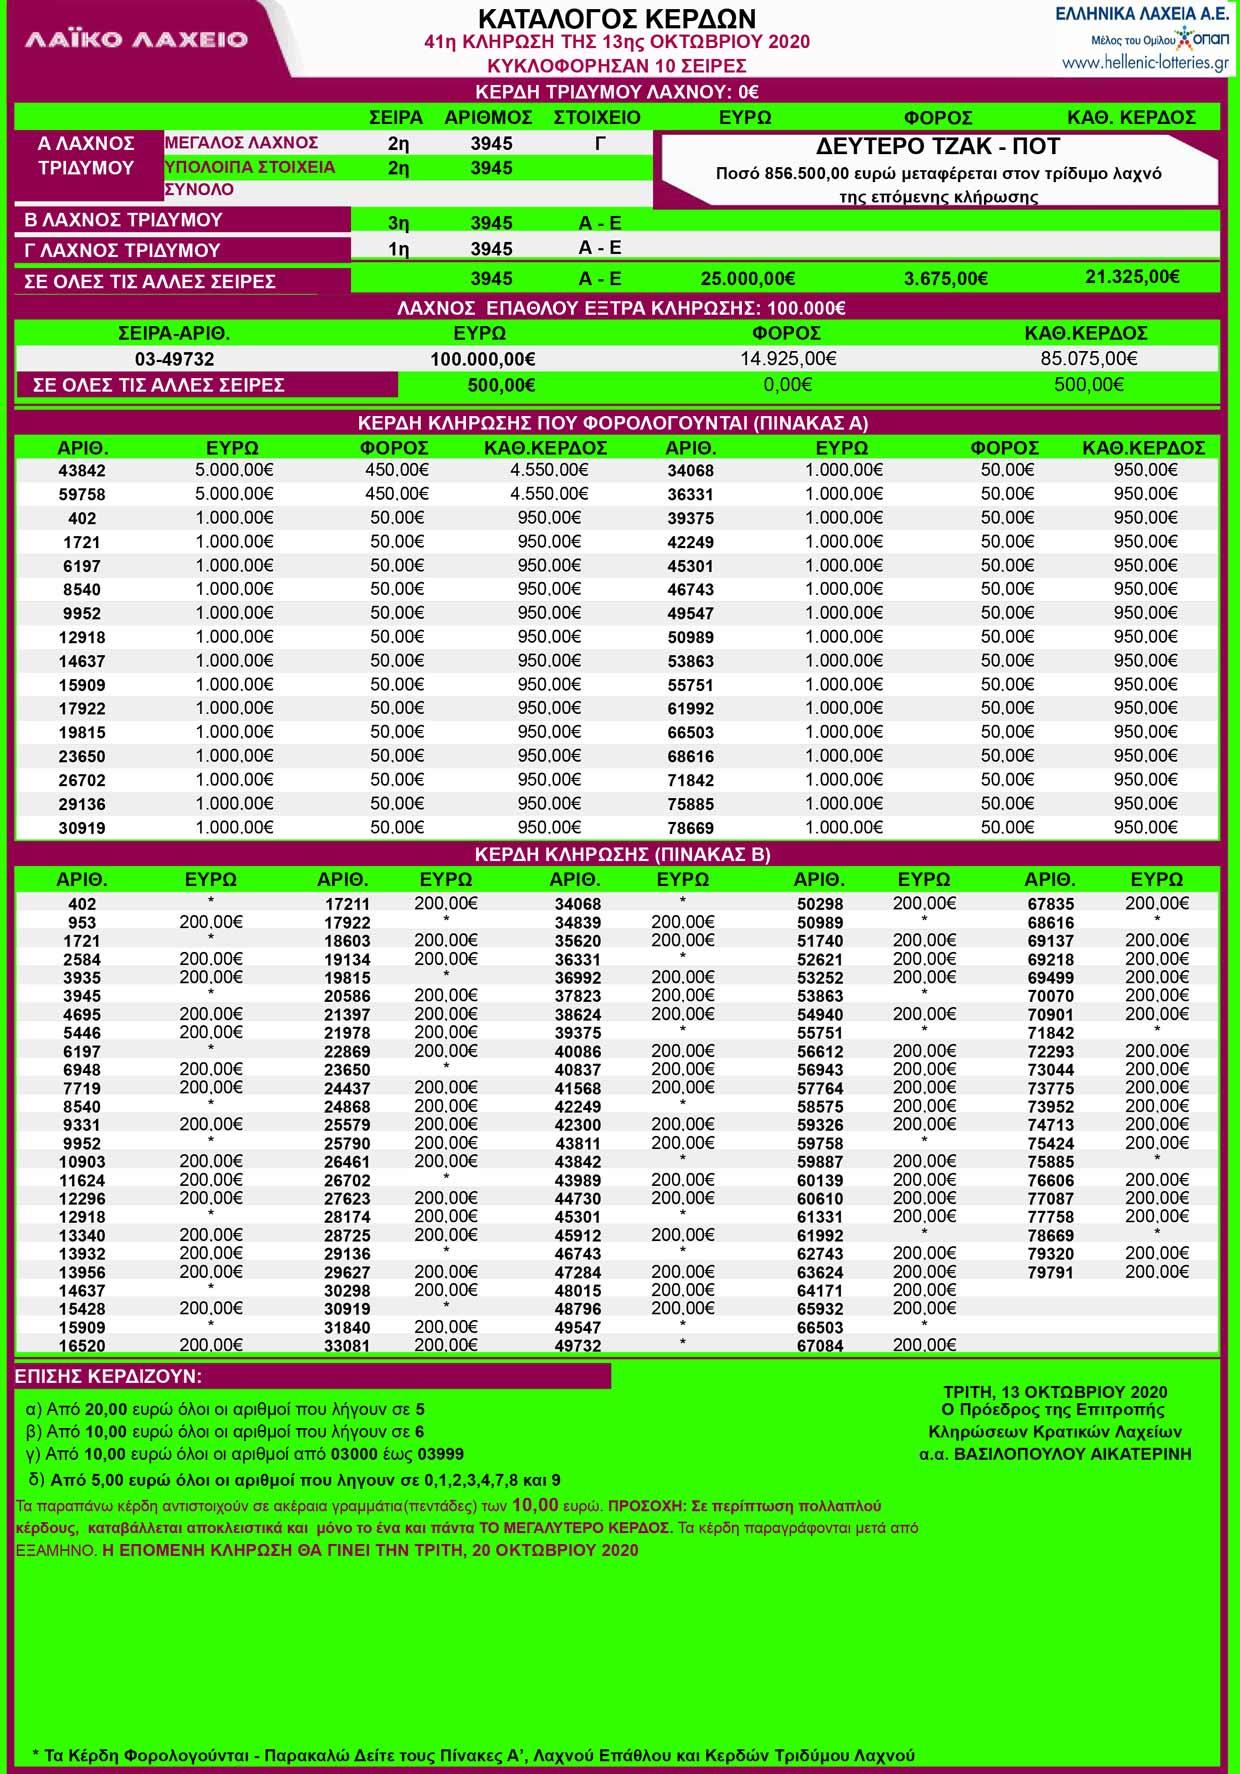 laiko-laxeio-13-10-2020-klirosh-41-apotelesmata-laiko-kerdh-13-oktovrioy-2020